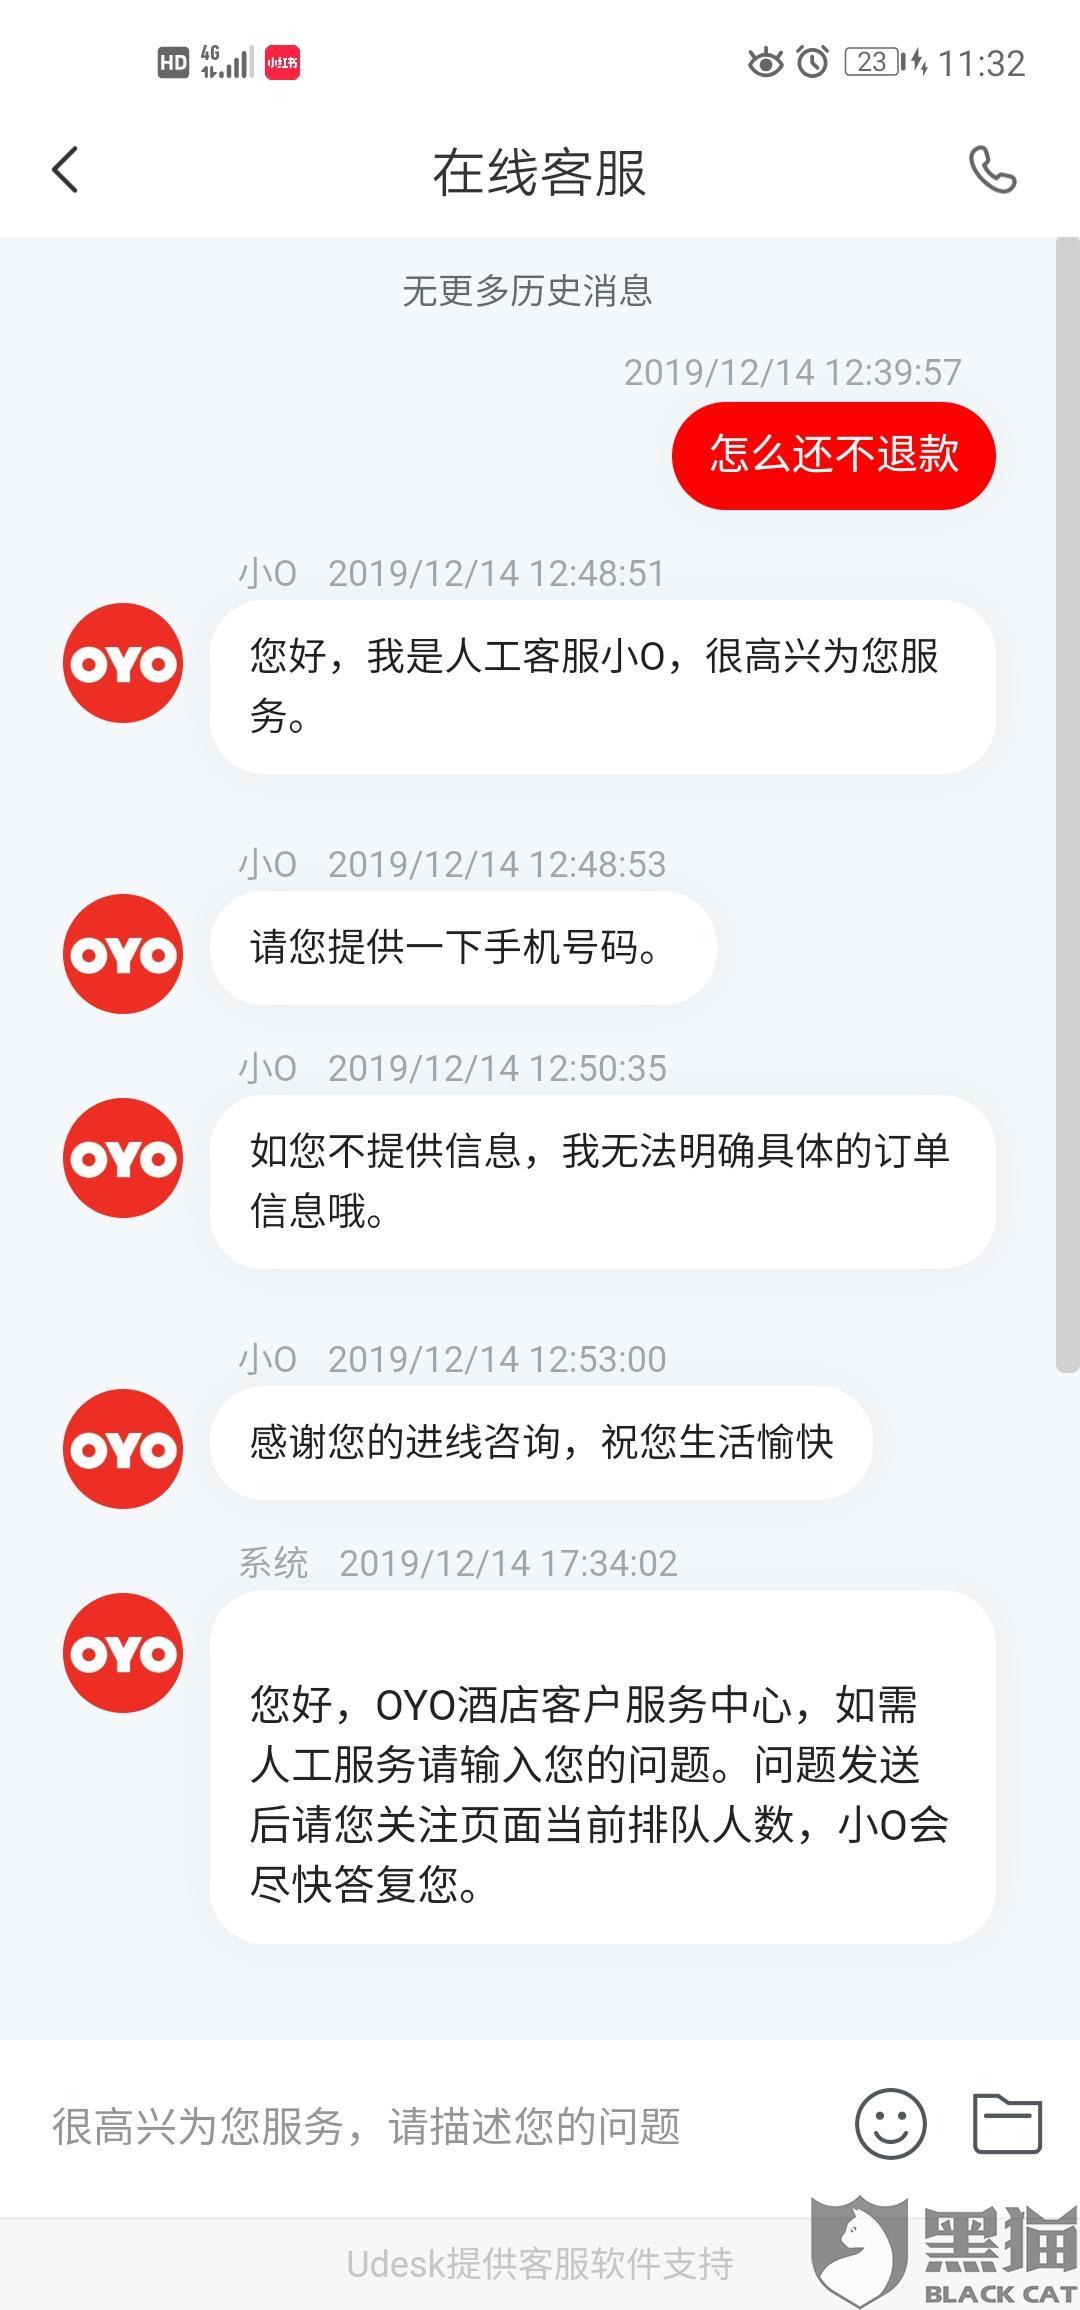 黑猫投诉:OYO酒店软件不退款